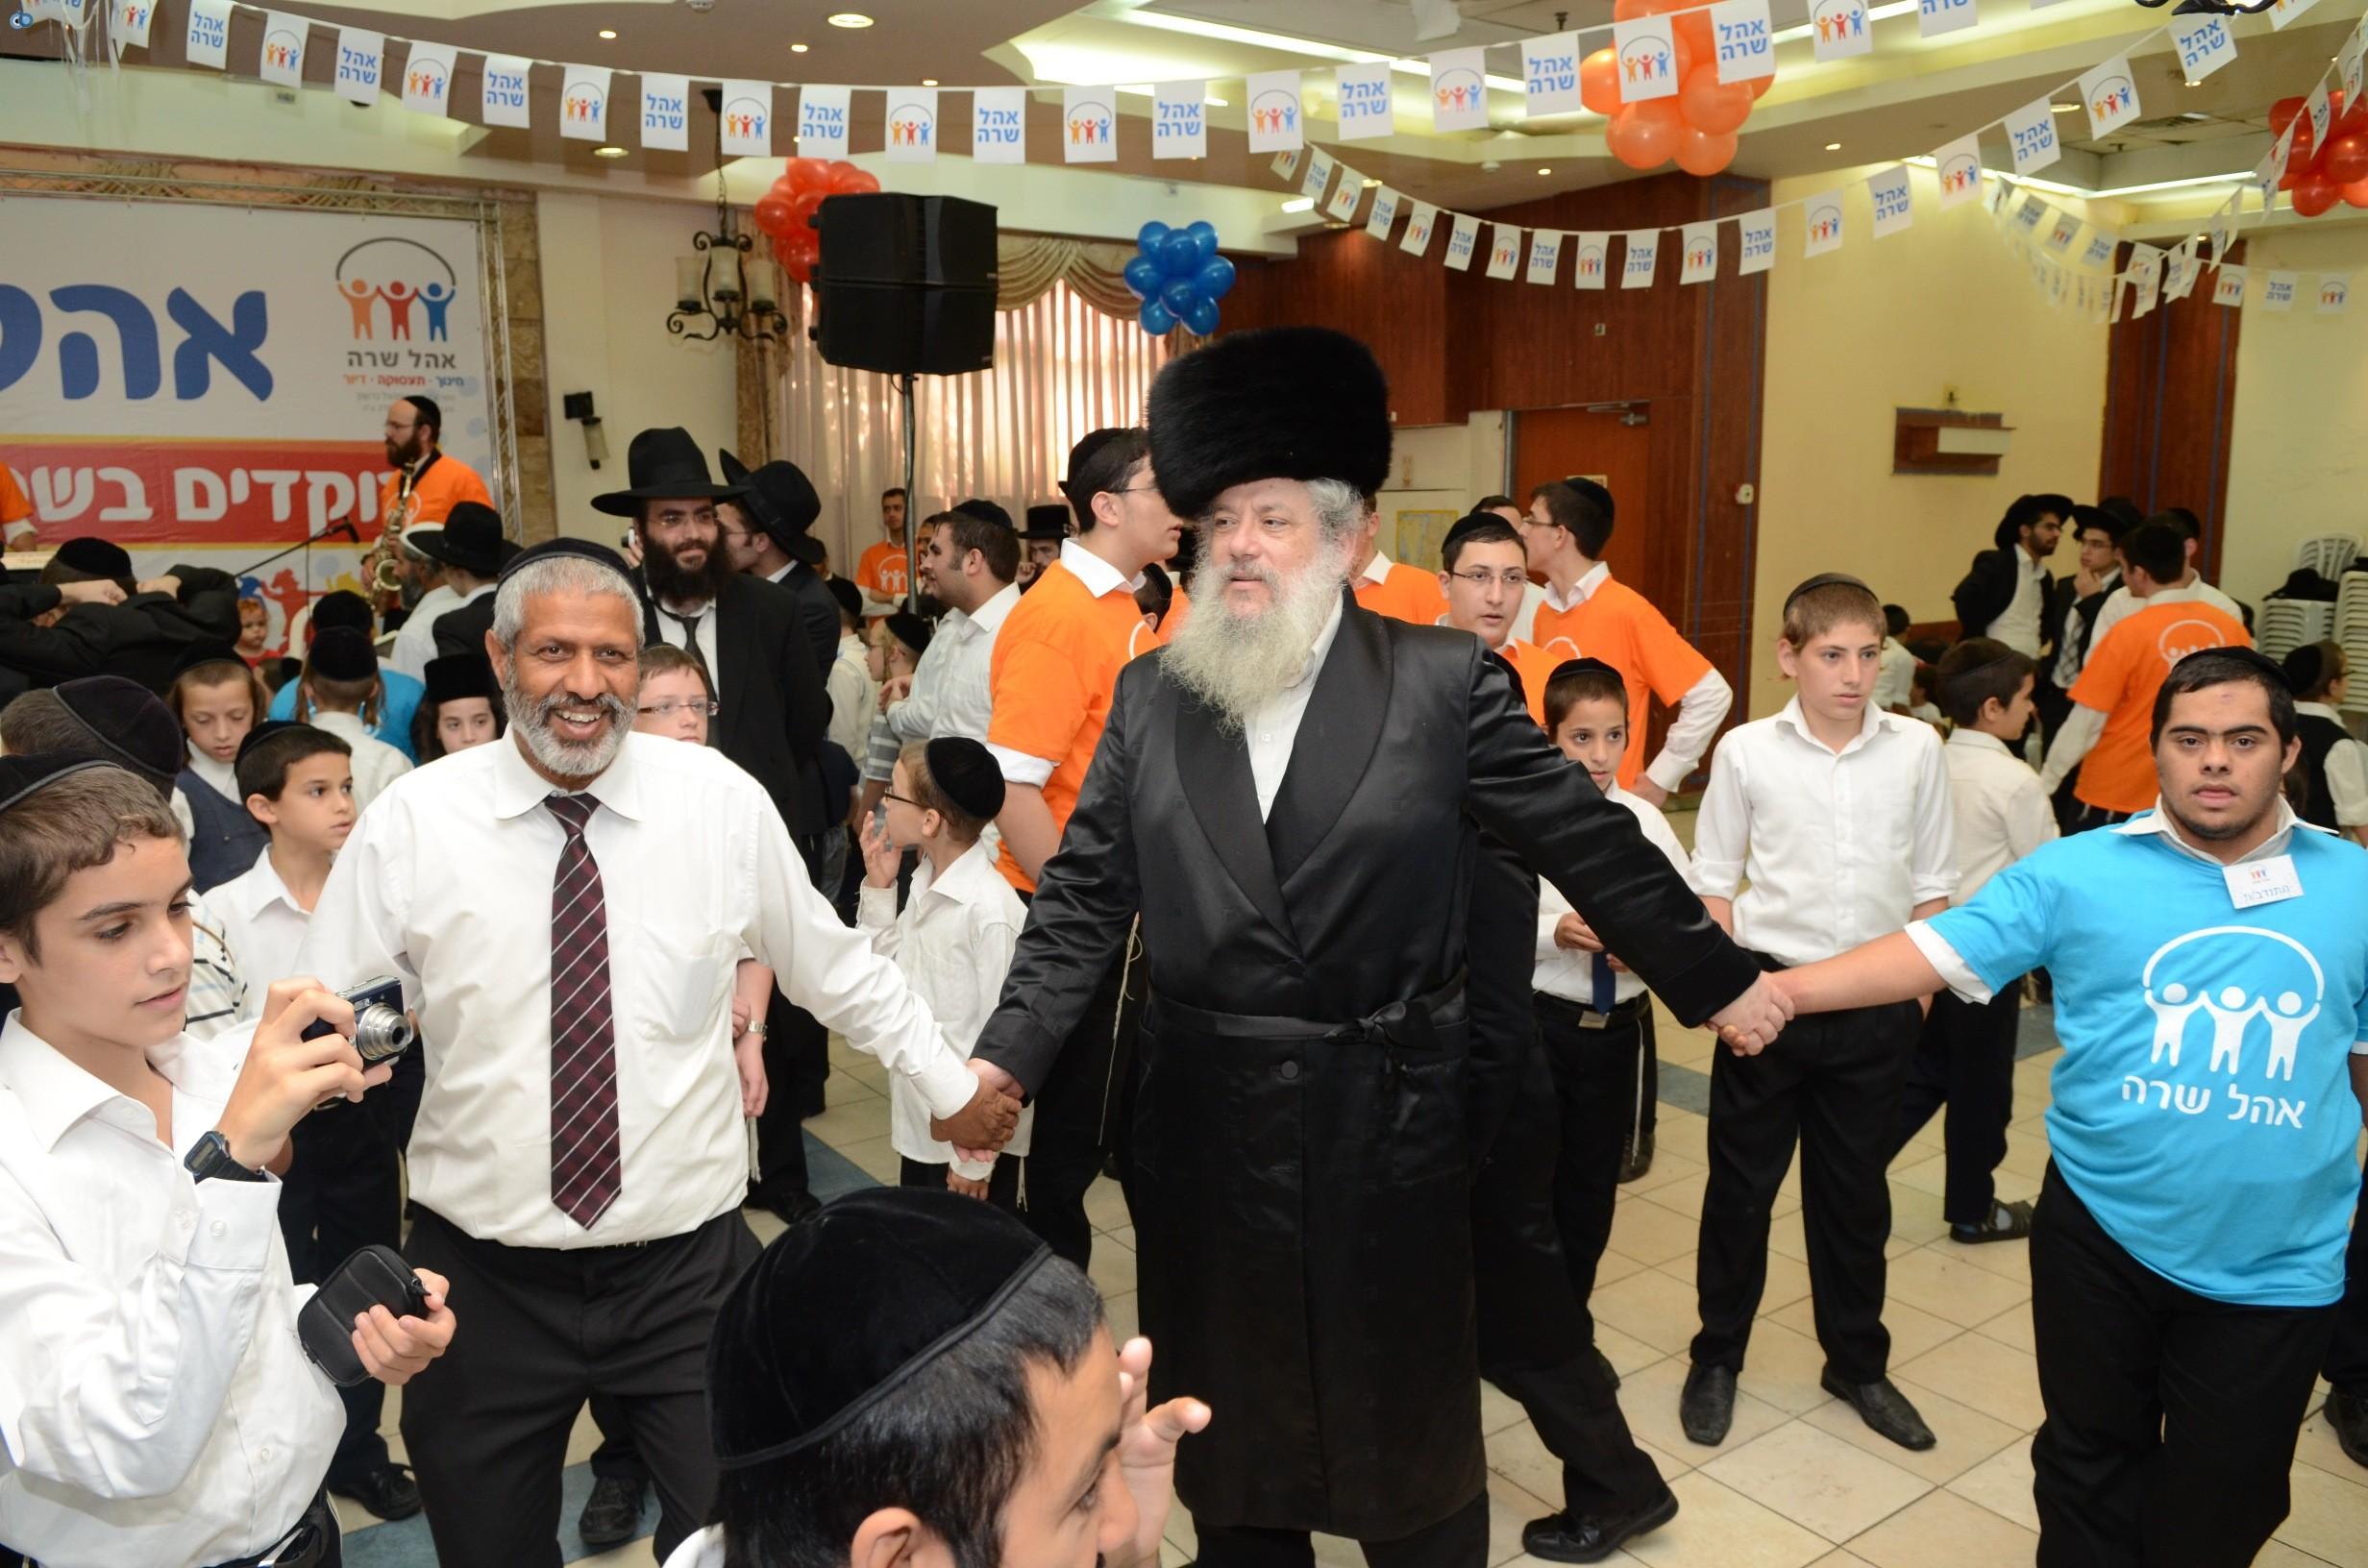 שמחת בית השואבה אהל שרה צילם משה גולדשטיין עם אישי ציבור וזמרים (19)